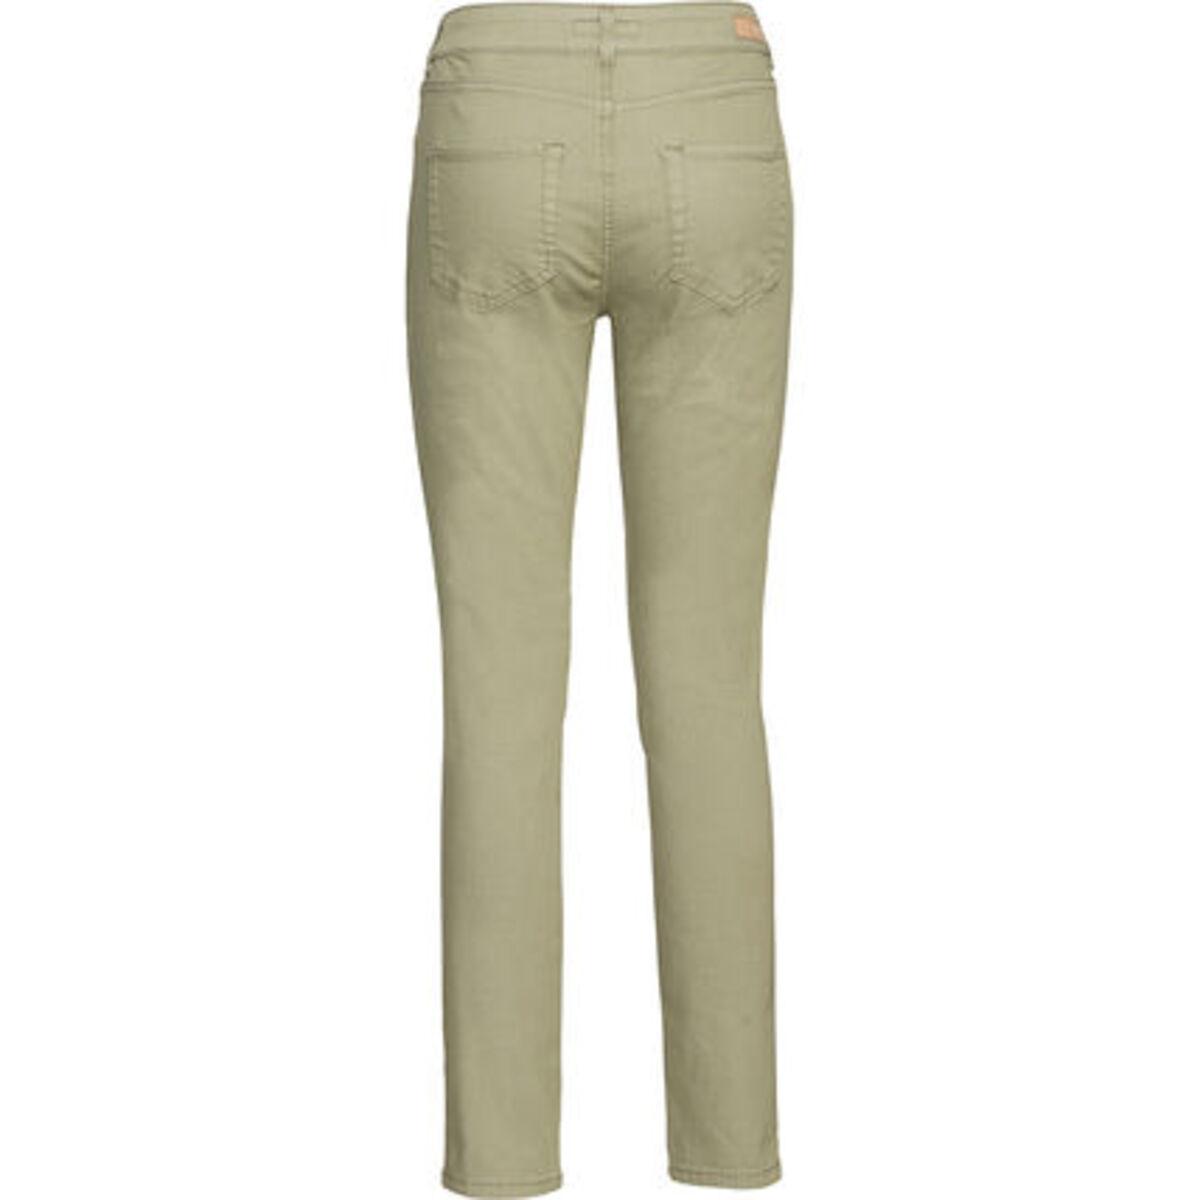 """Bild 2 von Adagio Jeans """"Anke"""", 5-Pocket, Stretch, Skinny Fit, für Damen"""